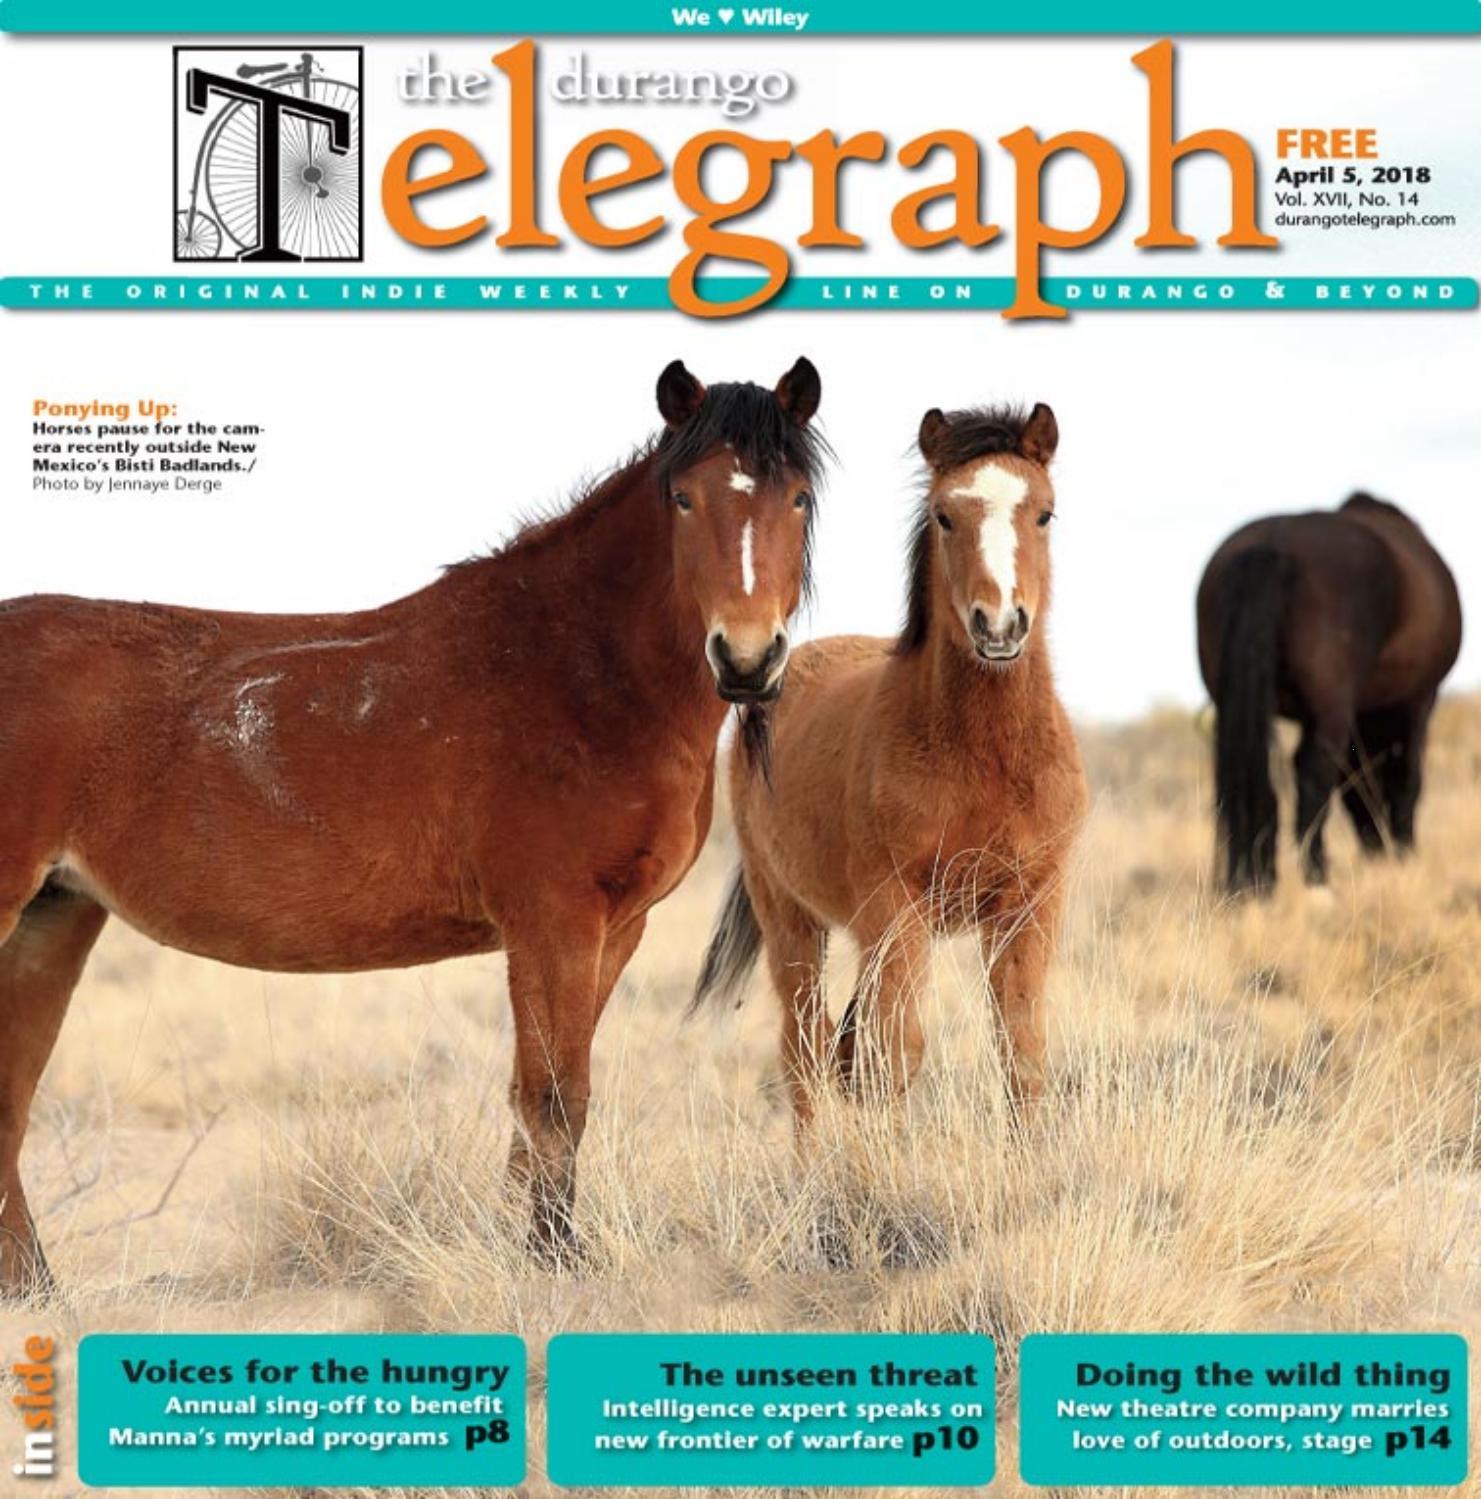 db31a6d0c4e99 Durango Telegraph - April 5, 2018 by Durango Telegraph - issuu